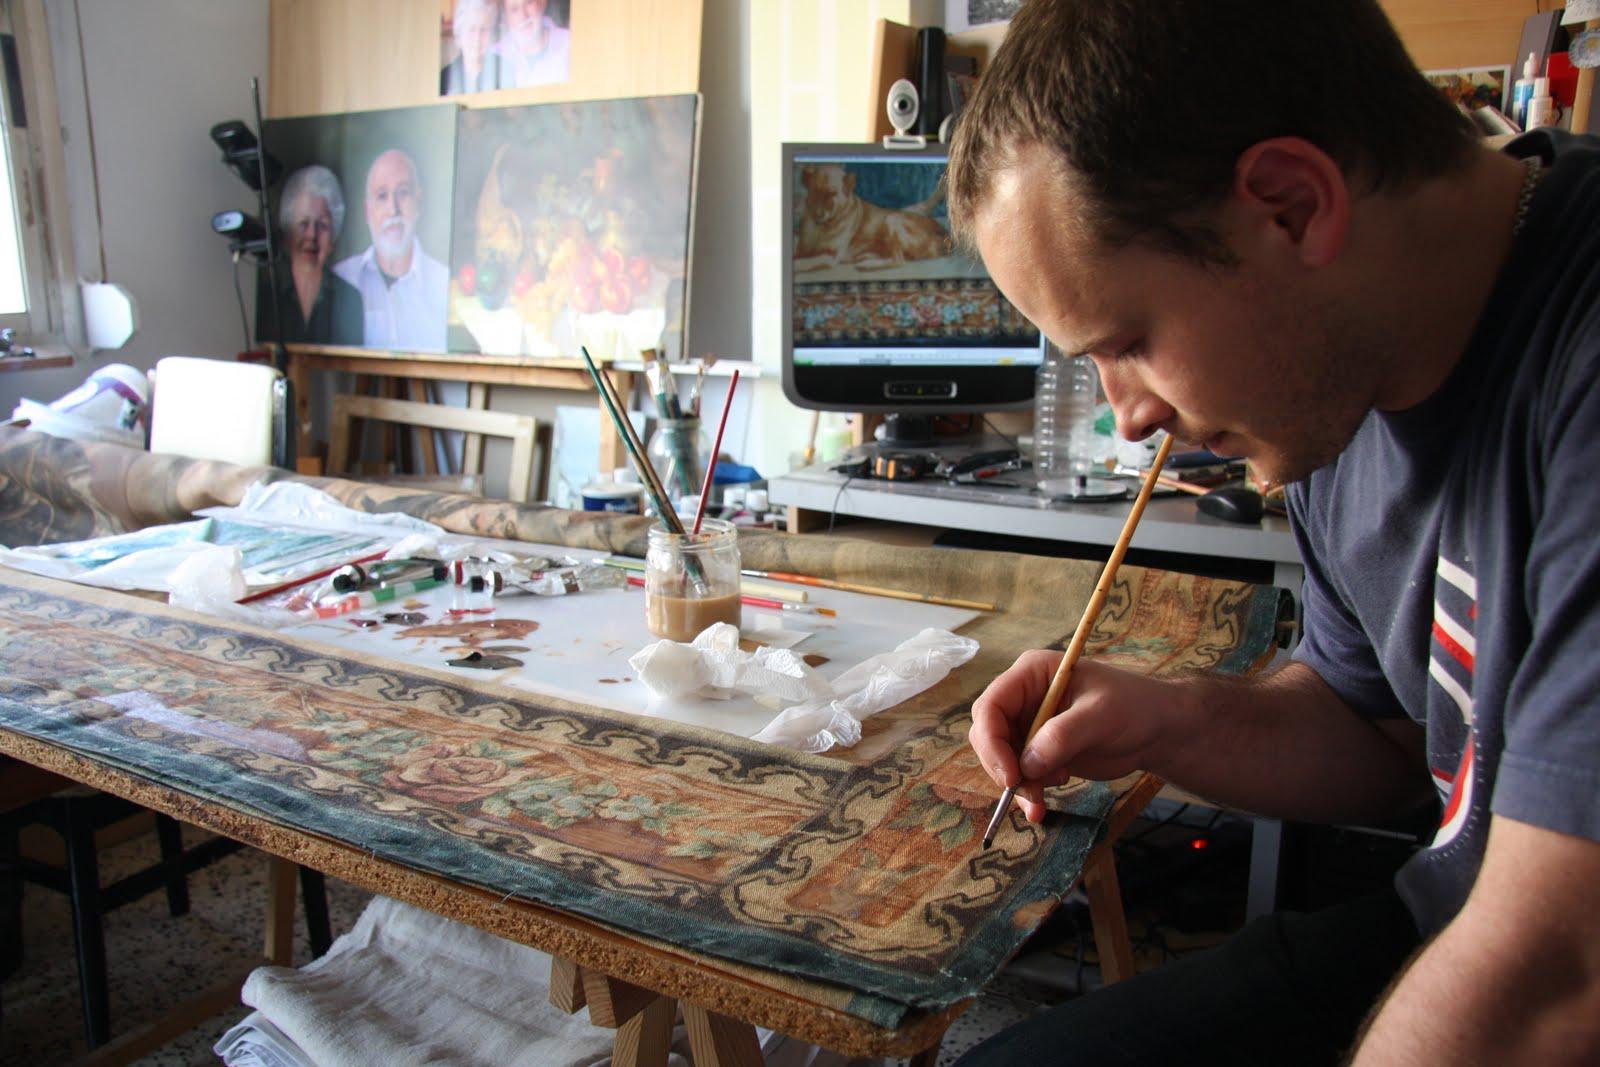 Conservaci n y restauraci n de obras de arte la restauraci n de alfombras antiguas del sig xviii - Restauracion de alfombras ...